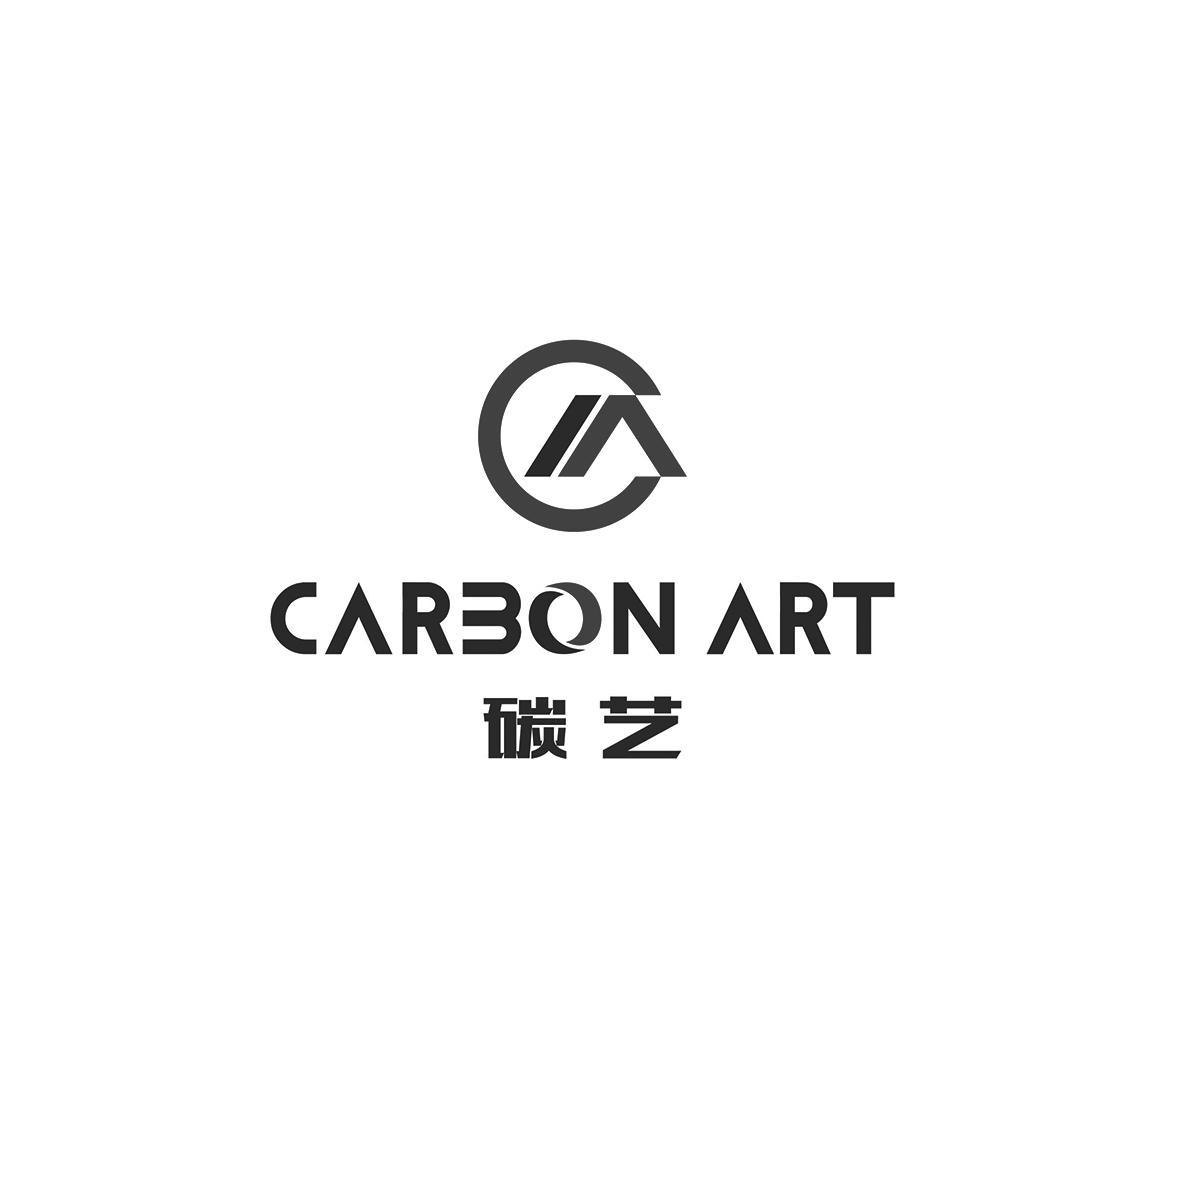 碳艺 CARBON ART CA 商标公告